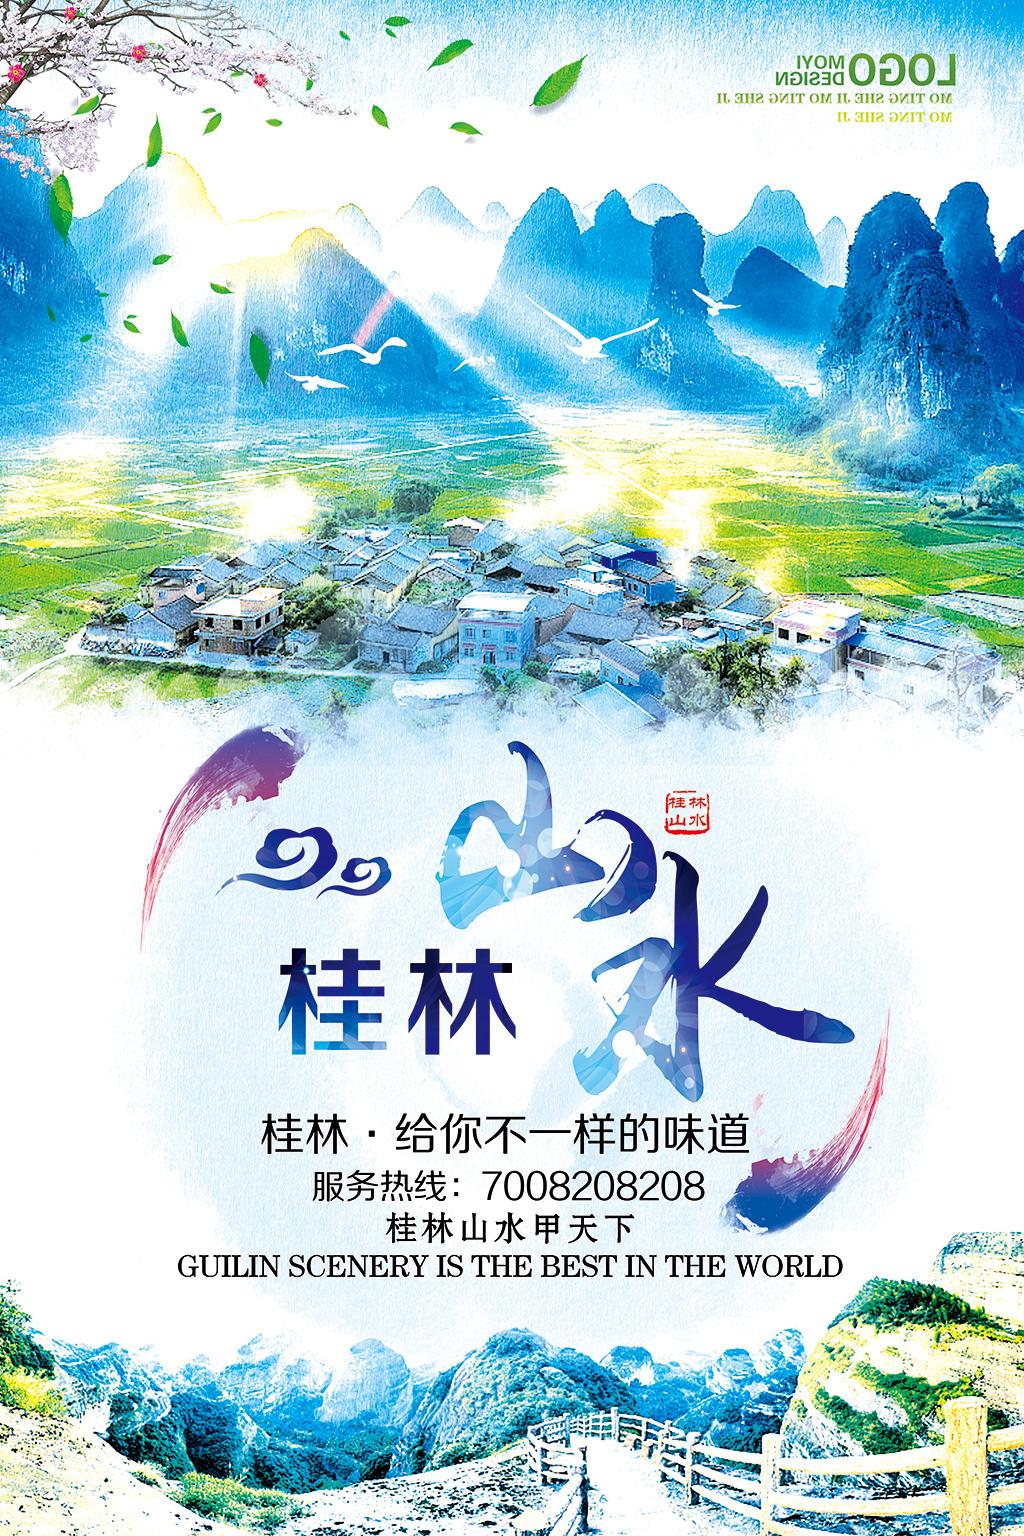 桂林山水旅游五一宣传促销海报